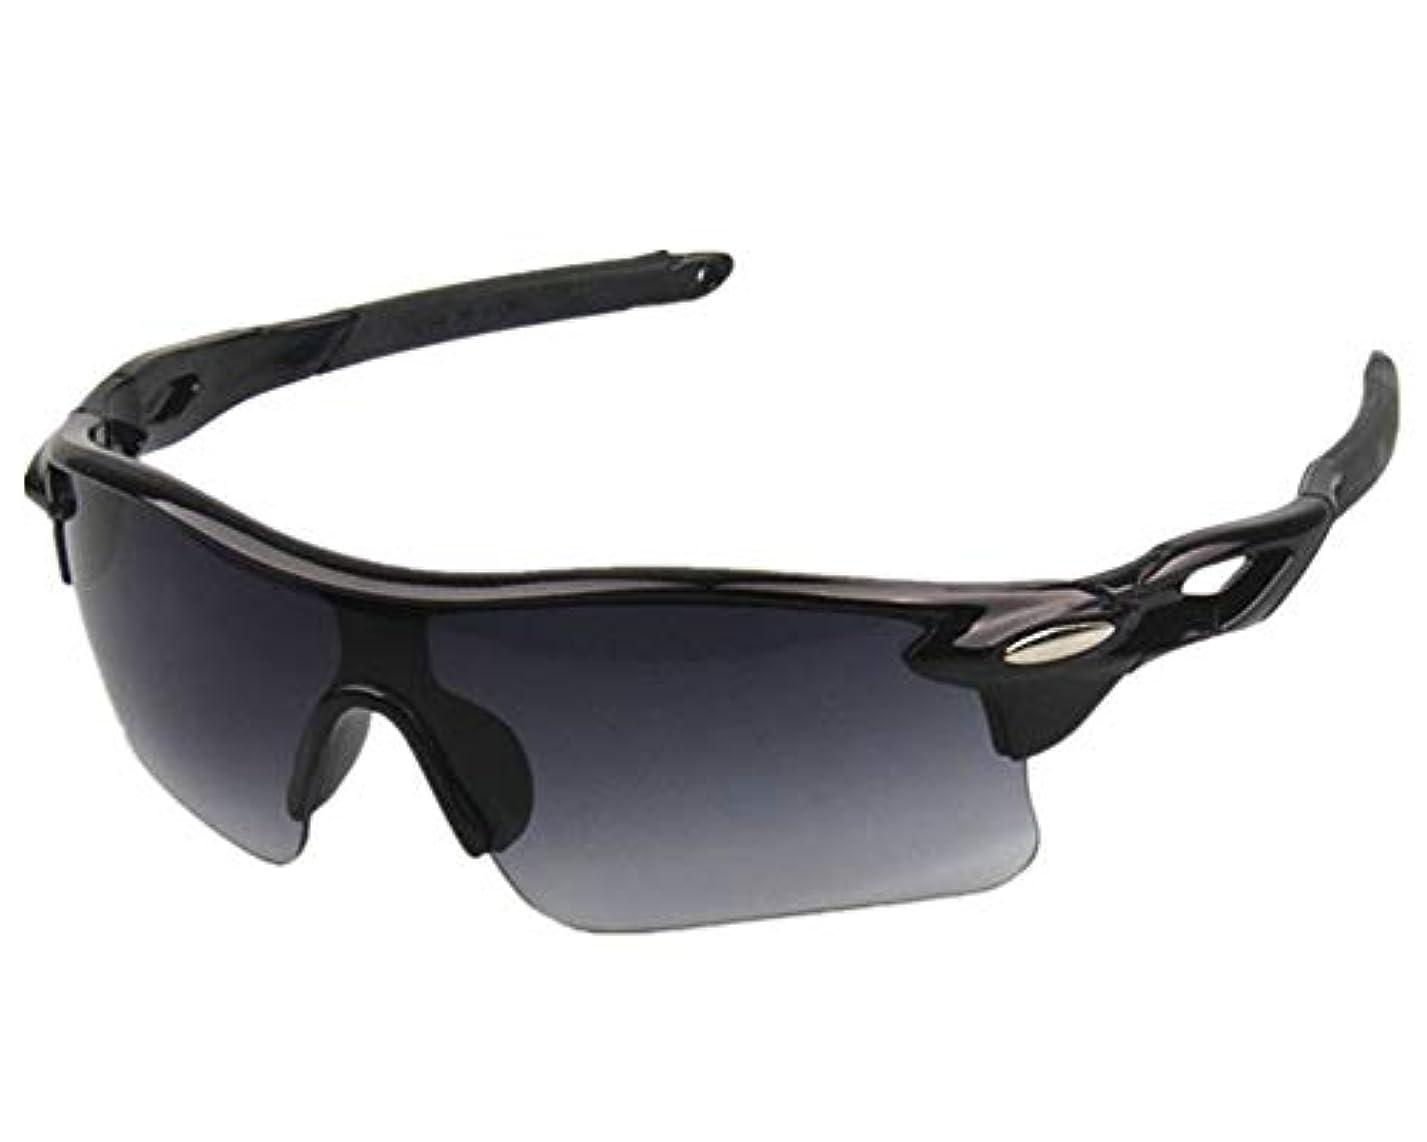 安心節約アジア人Runspeed スポーツサングラス サイクリンググラス アウトドア アスリート UV保護 ナイトビジョンゴーグル メンズ レディース ハイキング ランニング バイキング 釣り ゴルフ